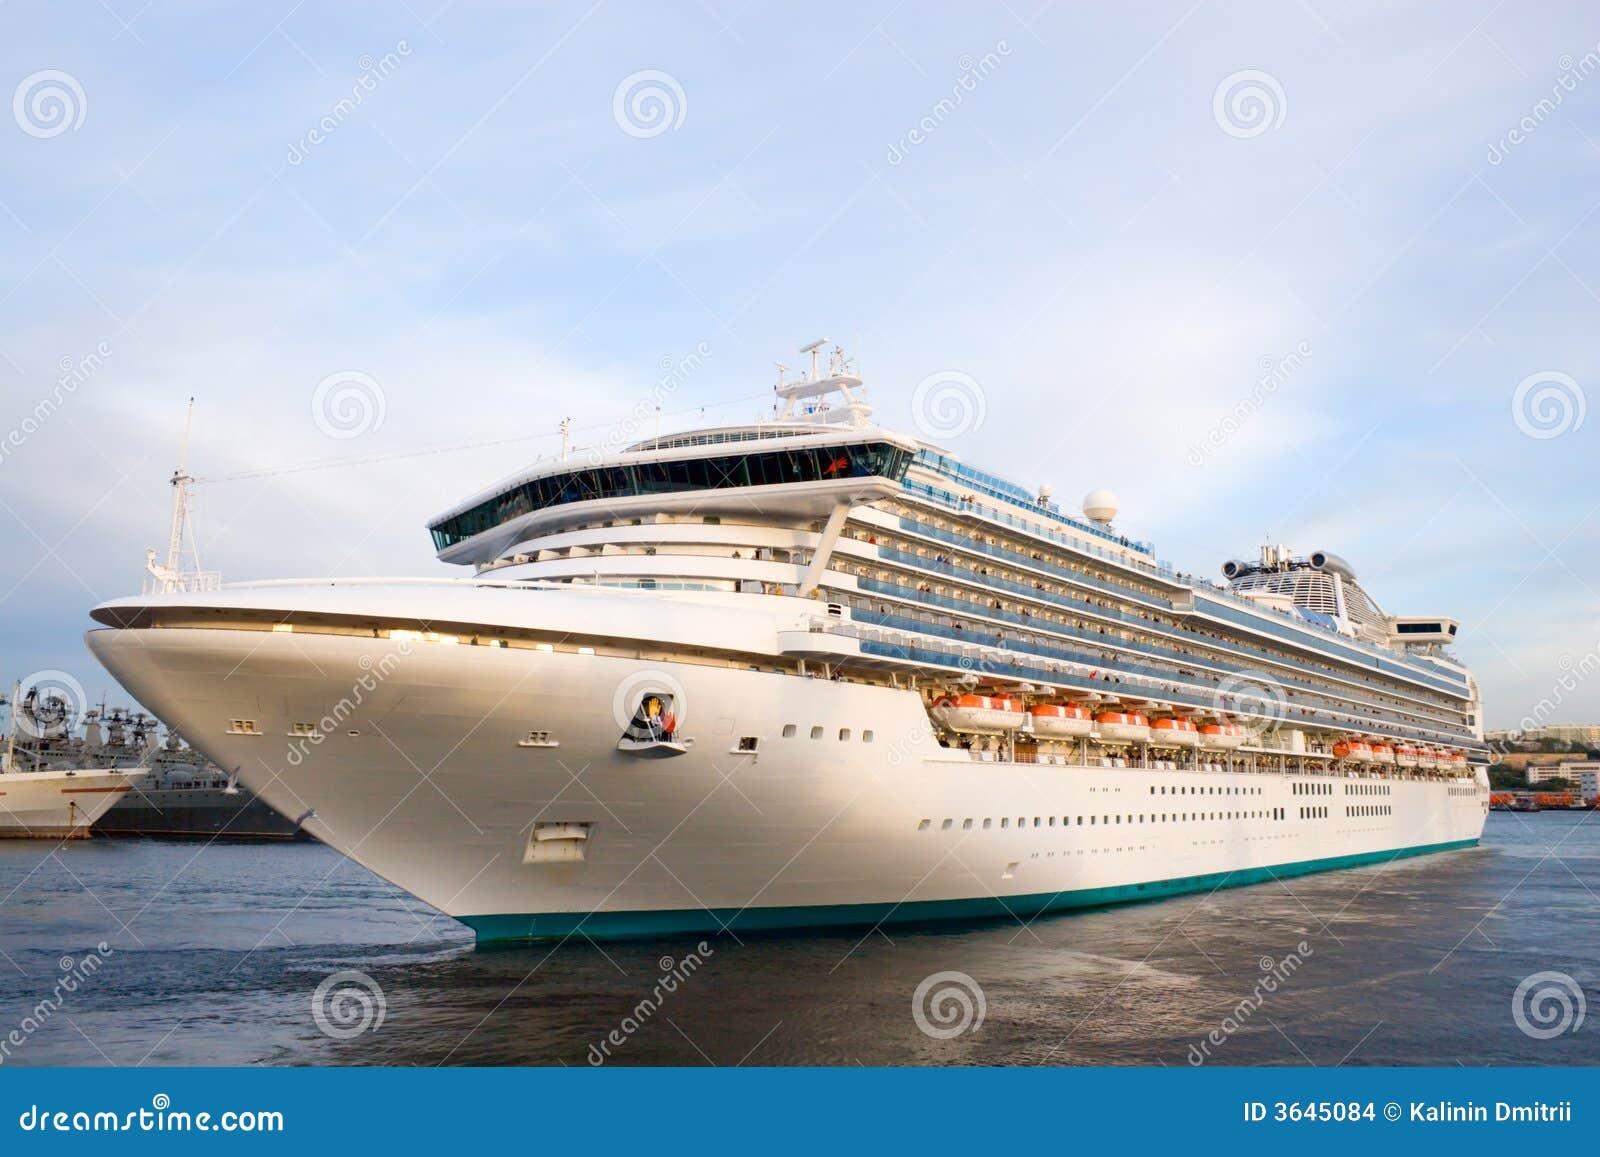 Luxury Cruise Ship Stock Images  Image 3645084